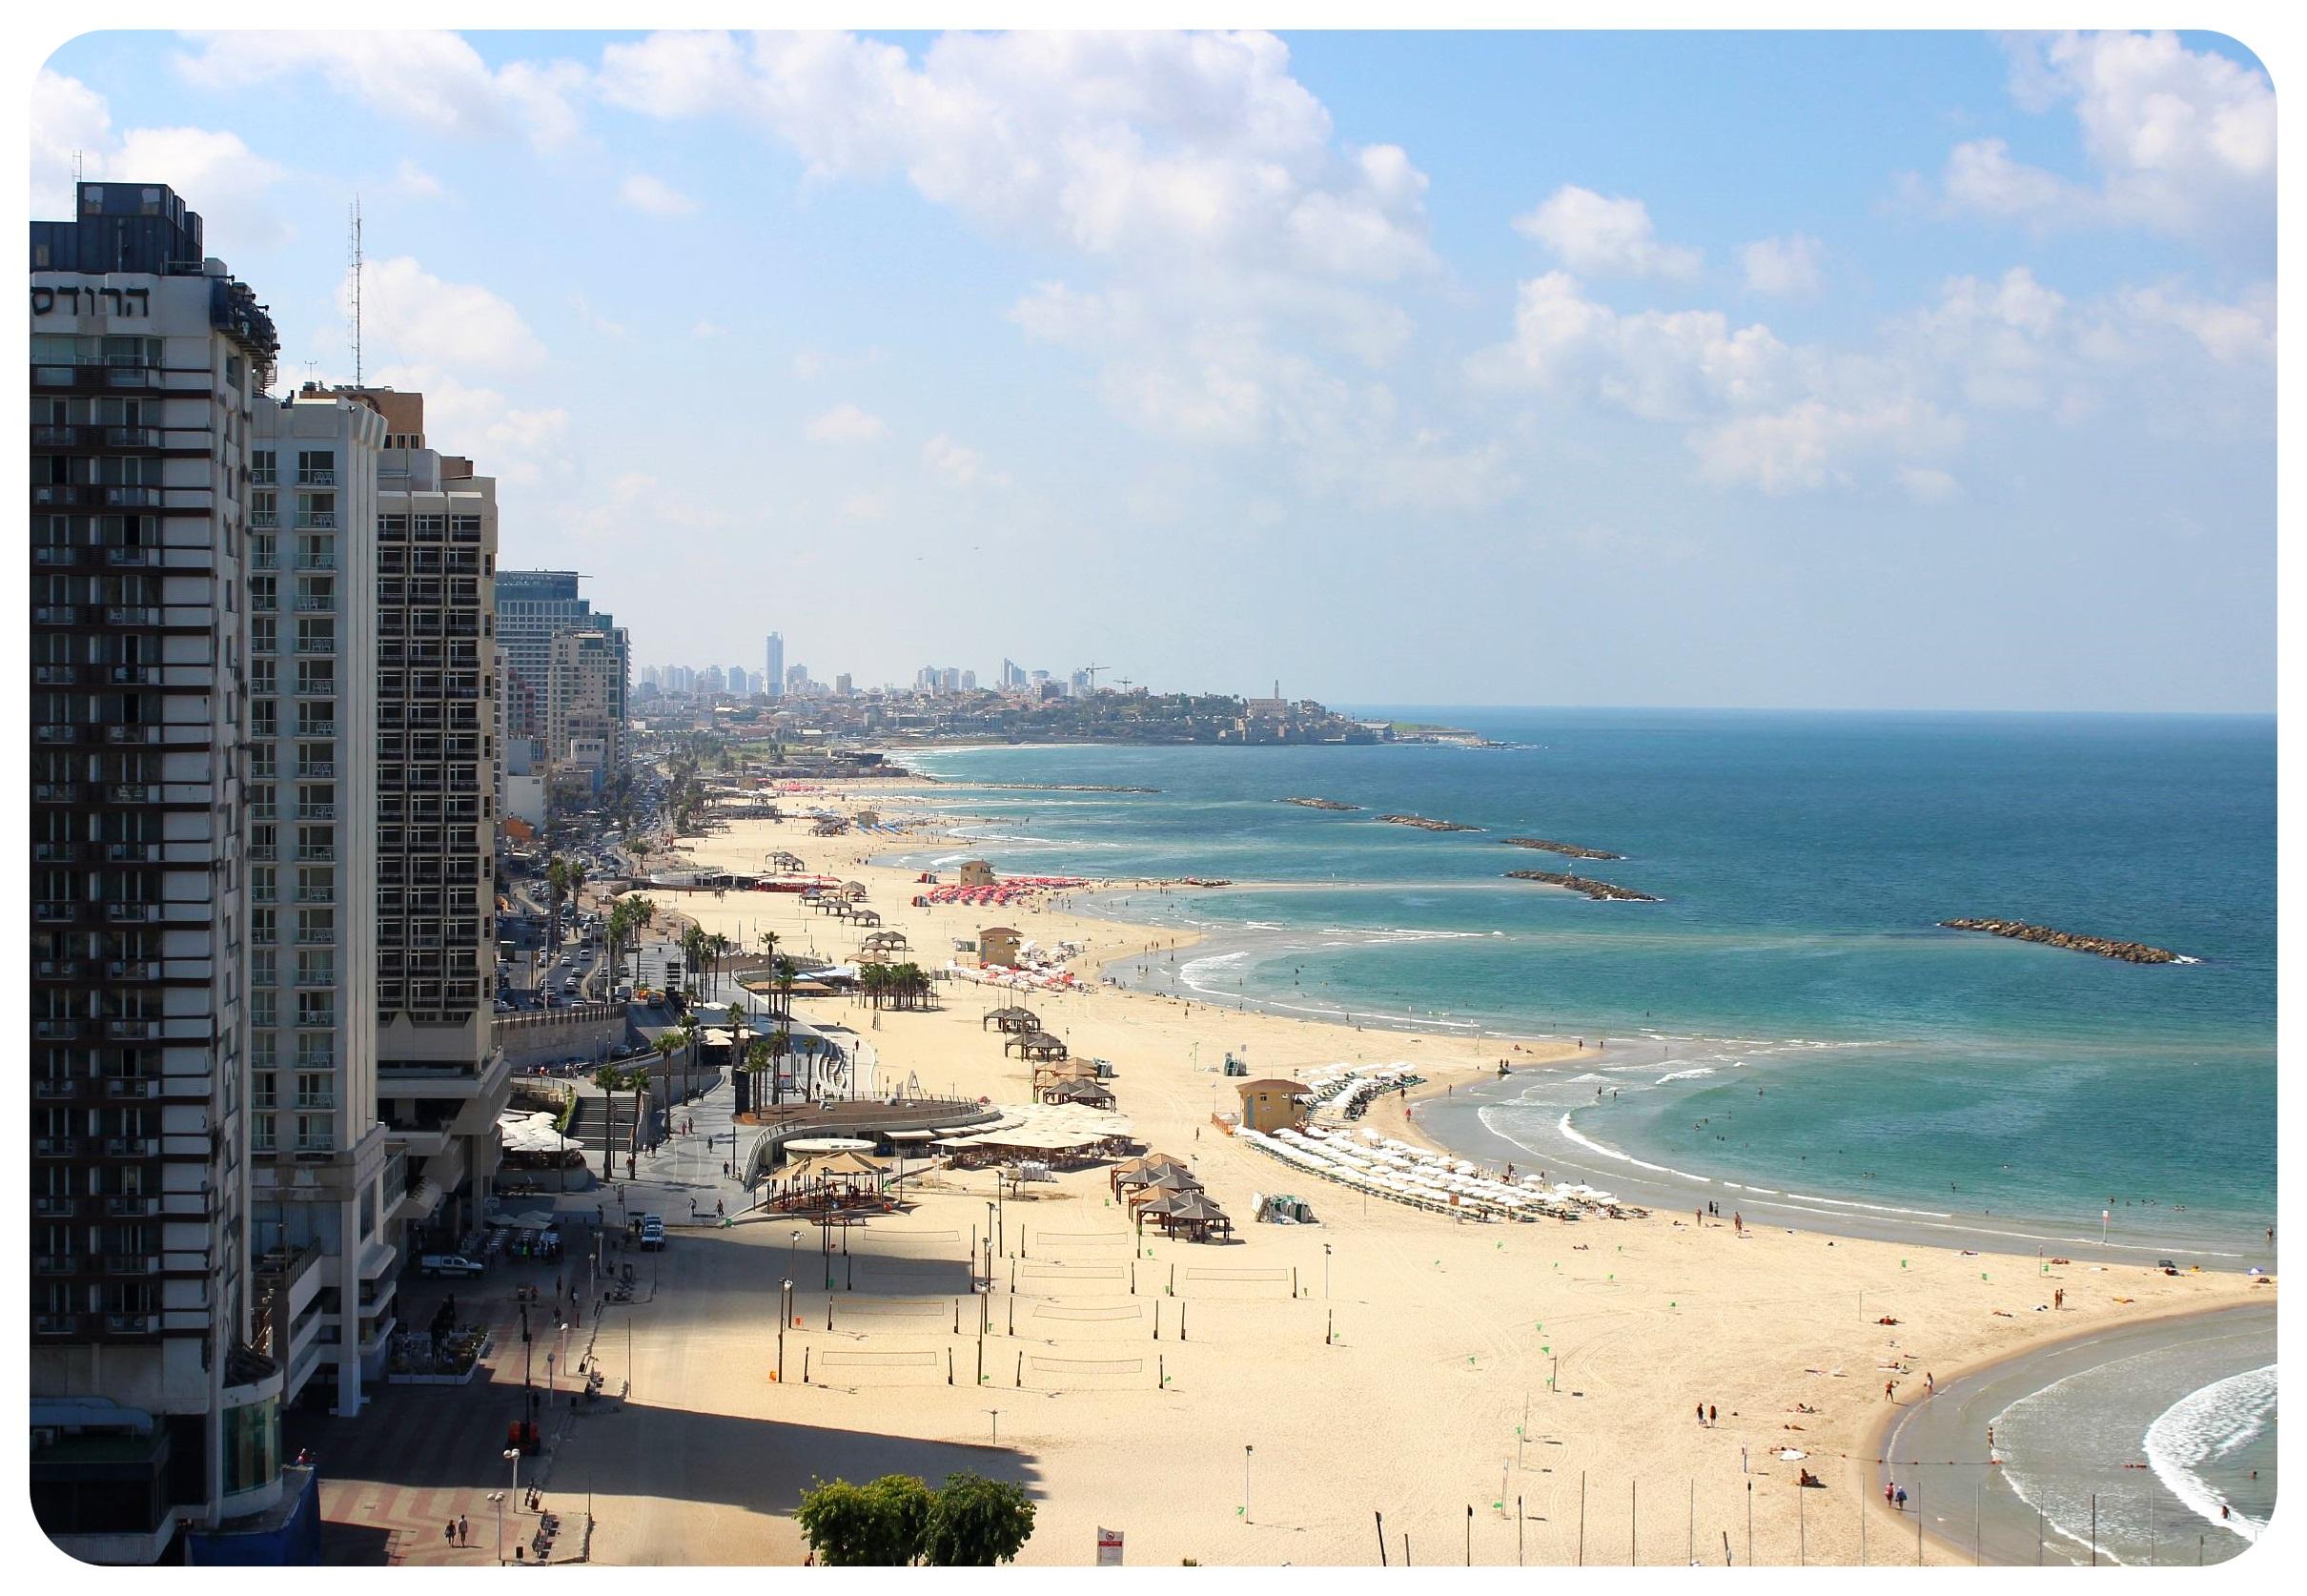 tel aviv beach view